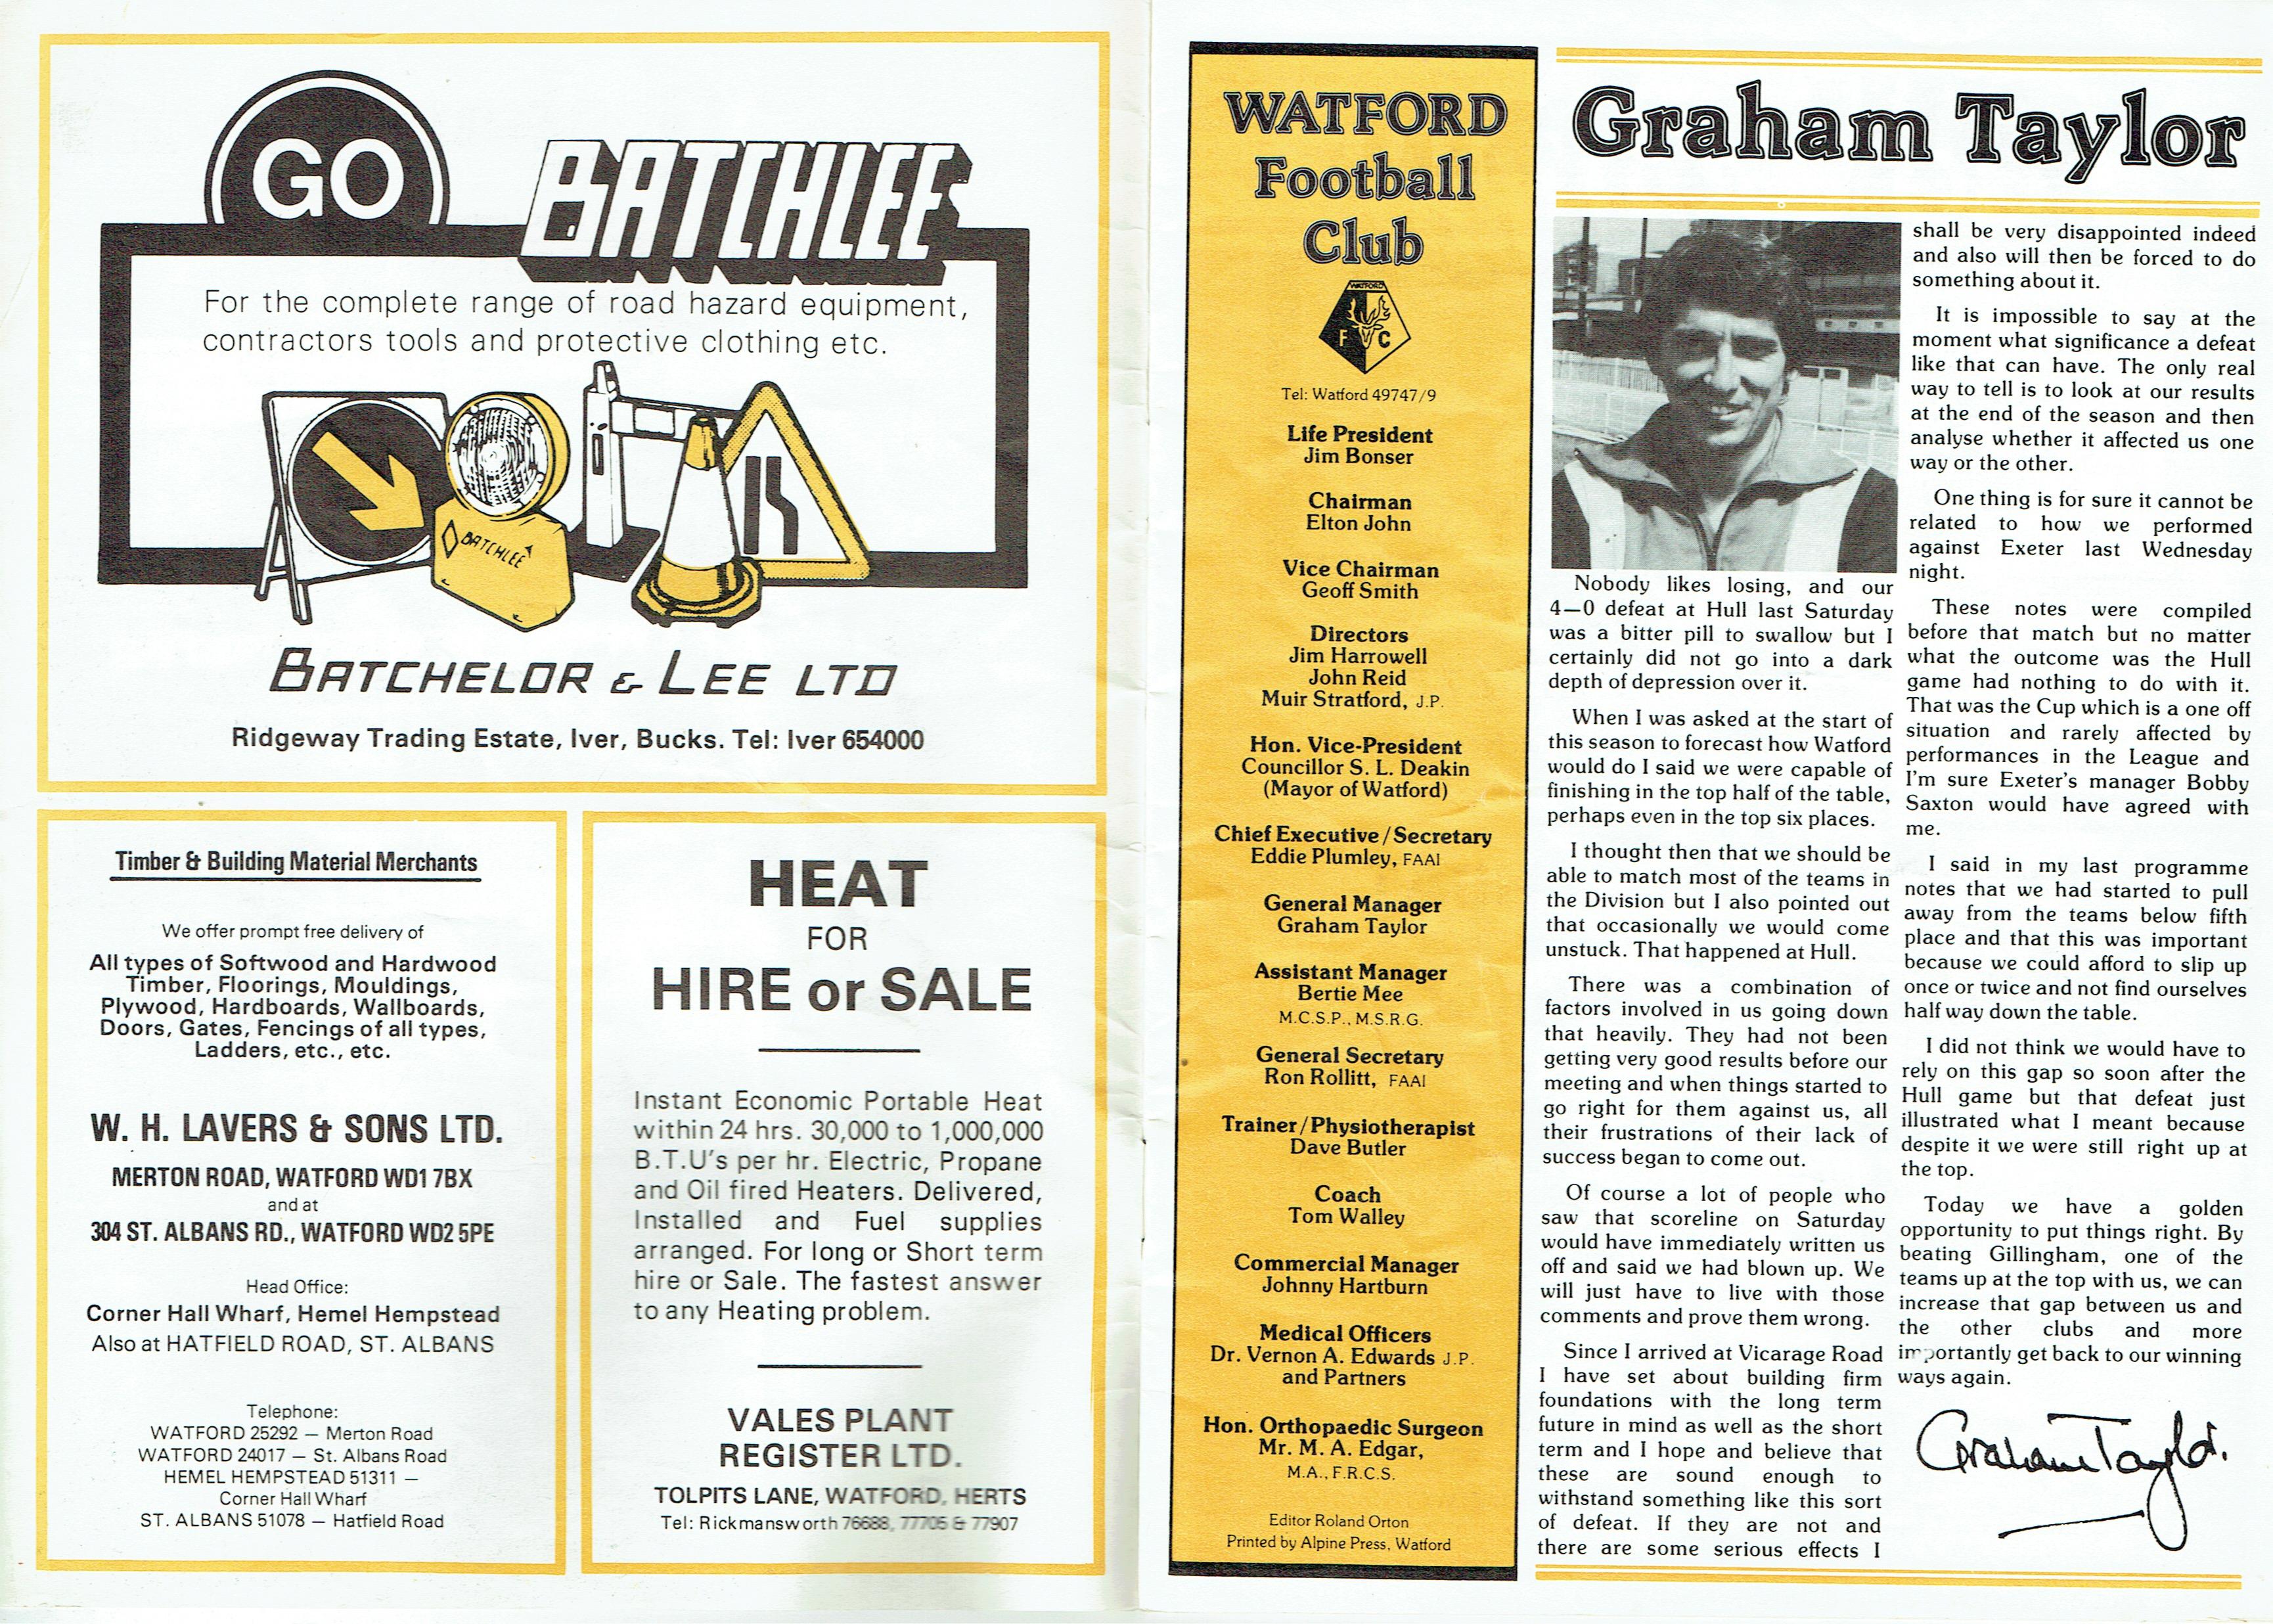 11th November 1978- Division Three, Watford 1 Gillingham 0 – Old Watford